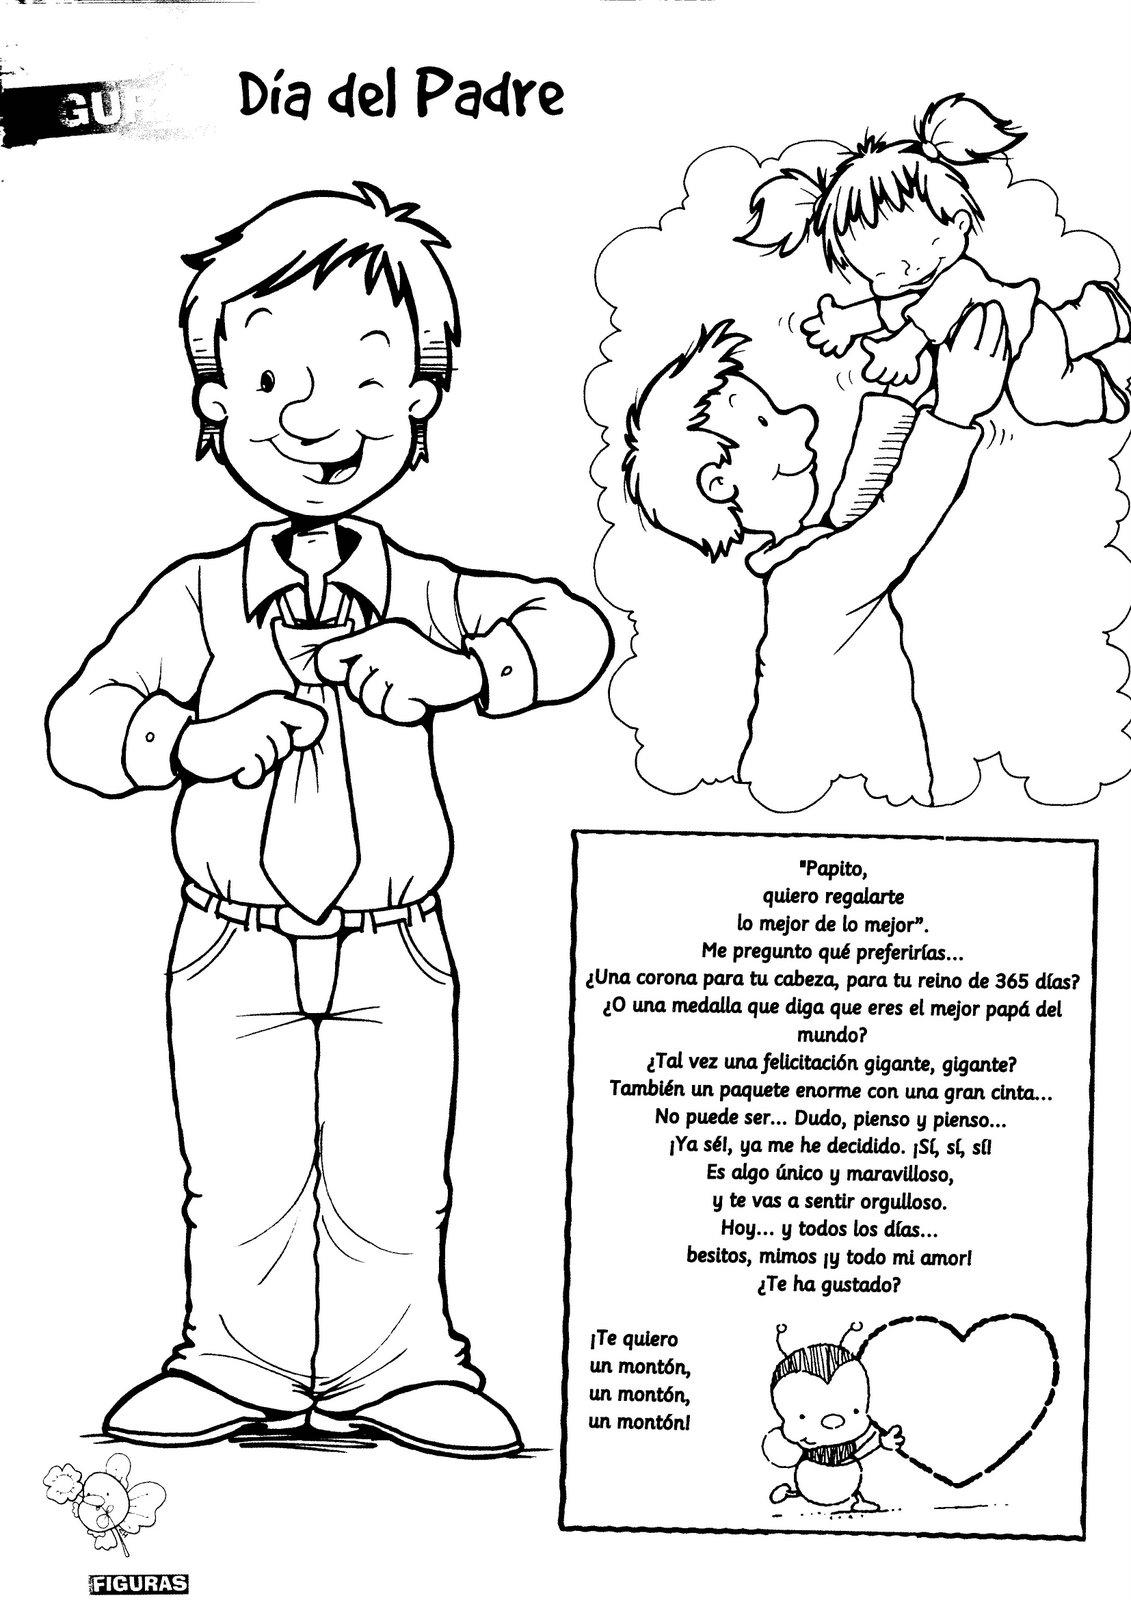 dia del padre poemas para el dia de los padres cristianos please